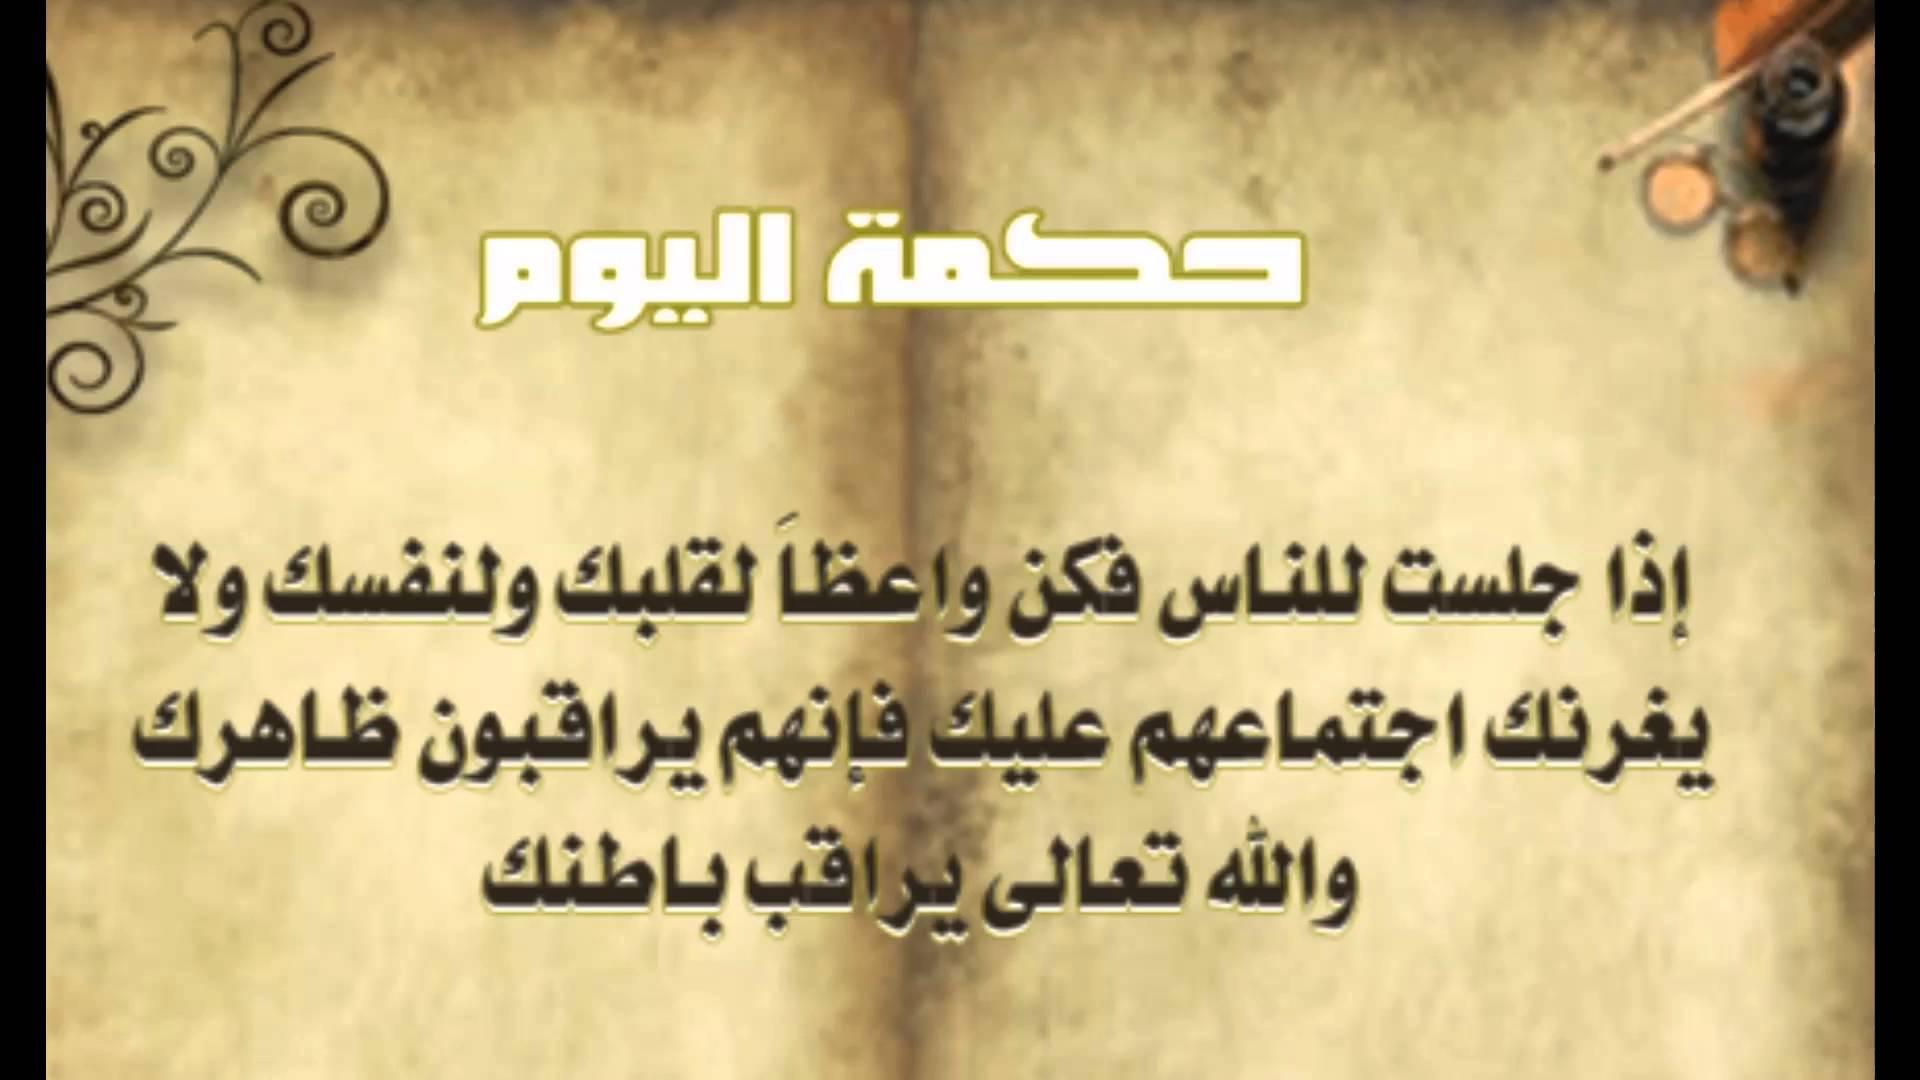 صور ابيات شعر قصيره حكم , اشعار قصيره للحكم والموعظة